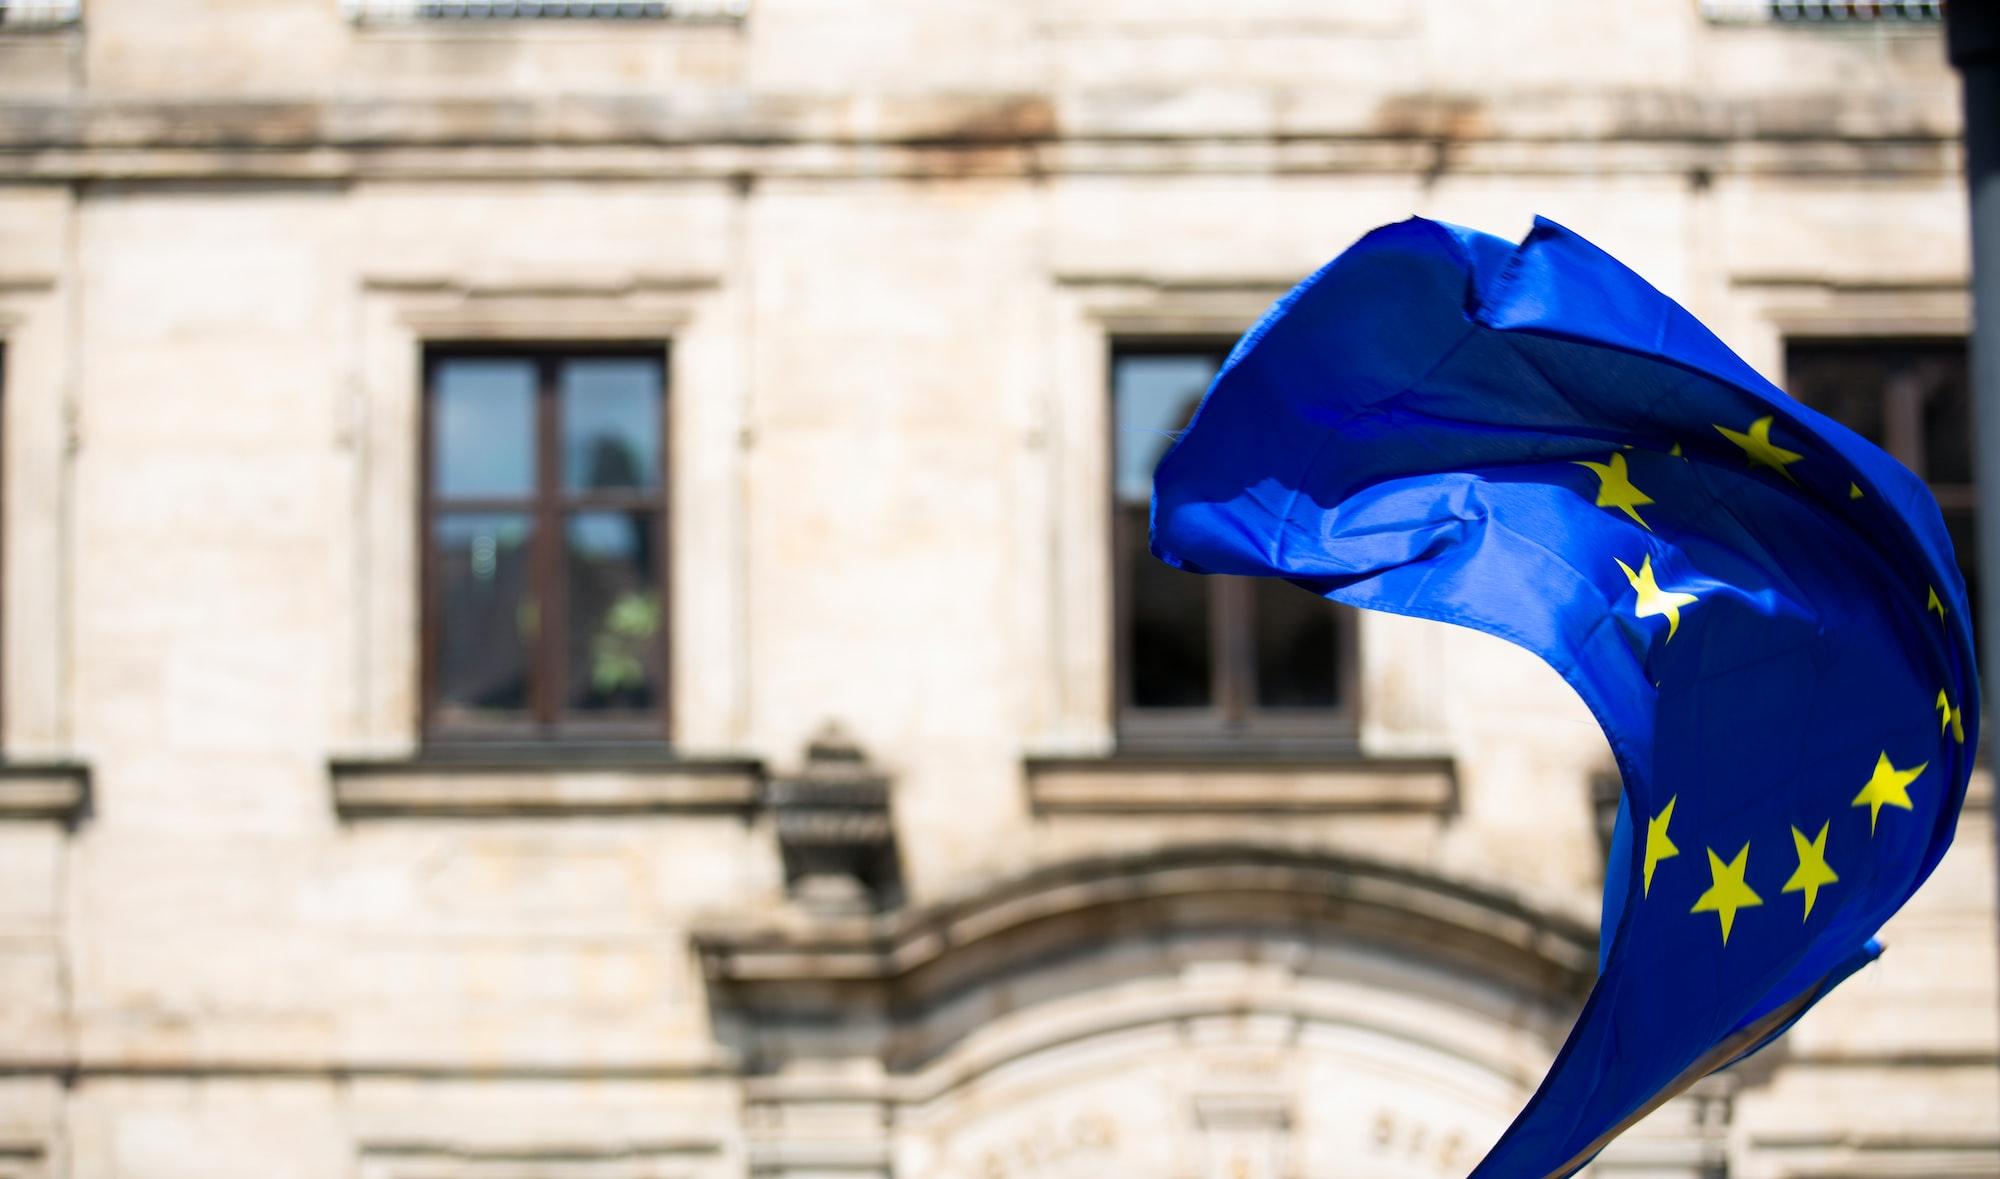 O altă față a Uniunii Europene...